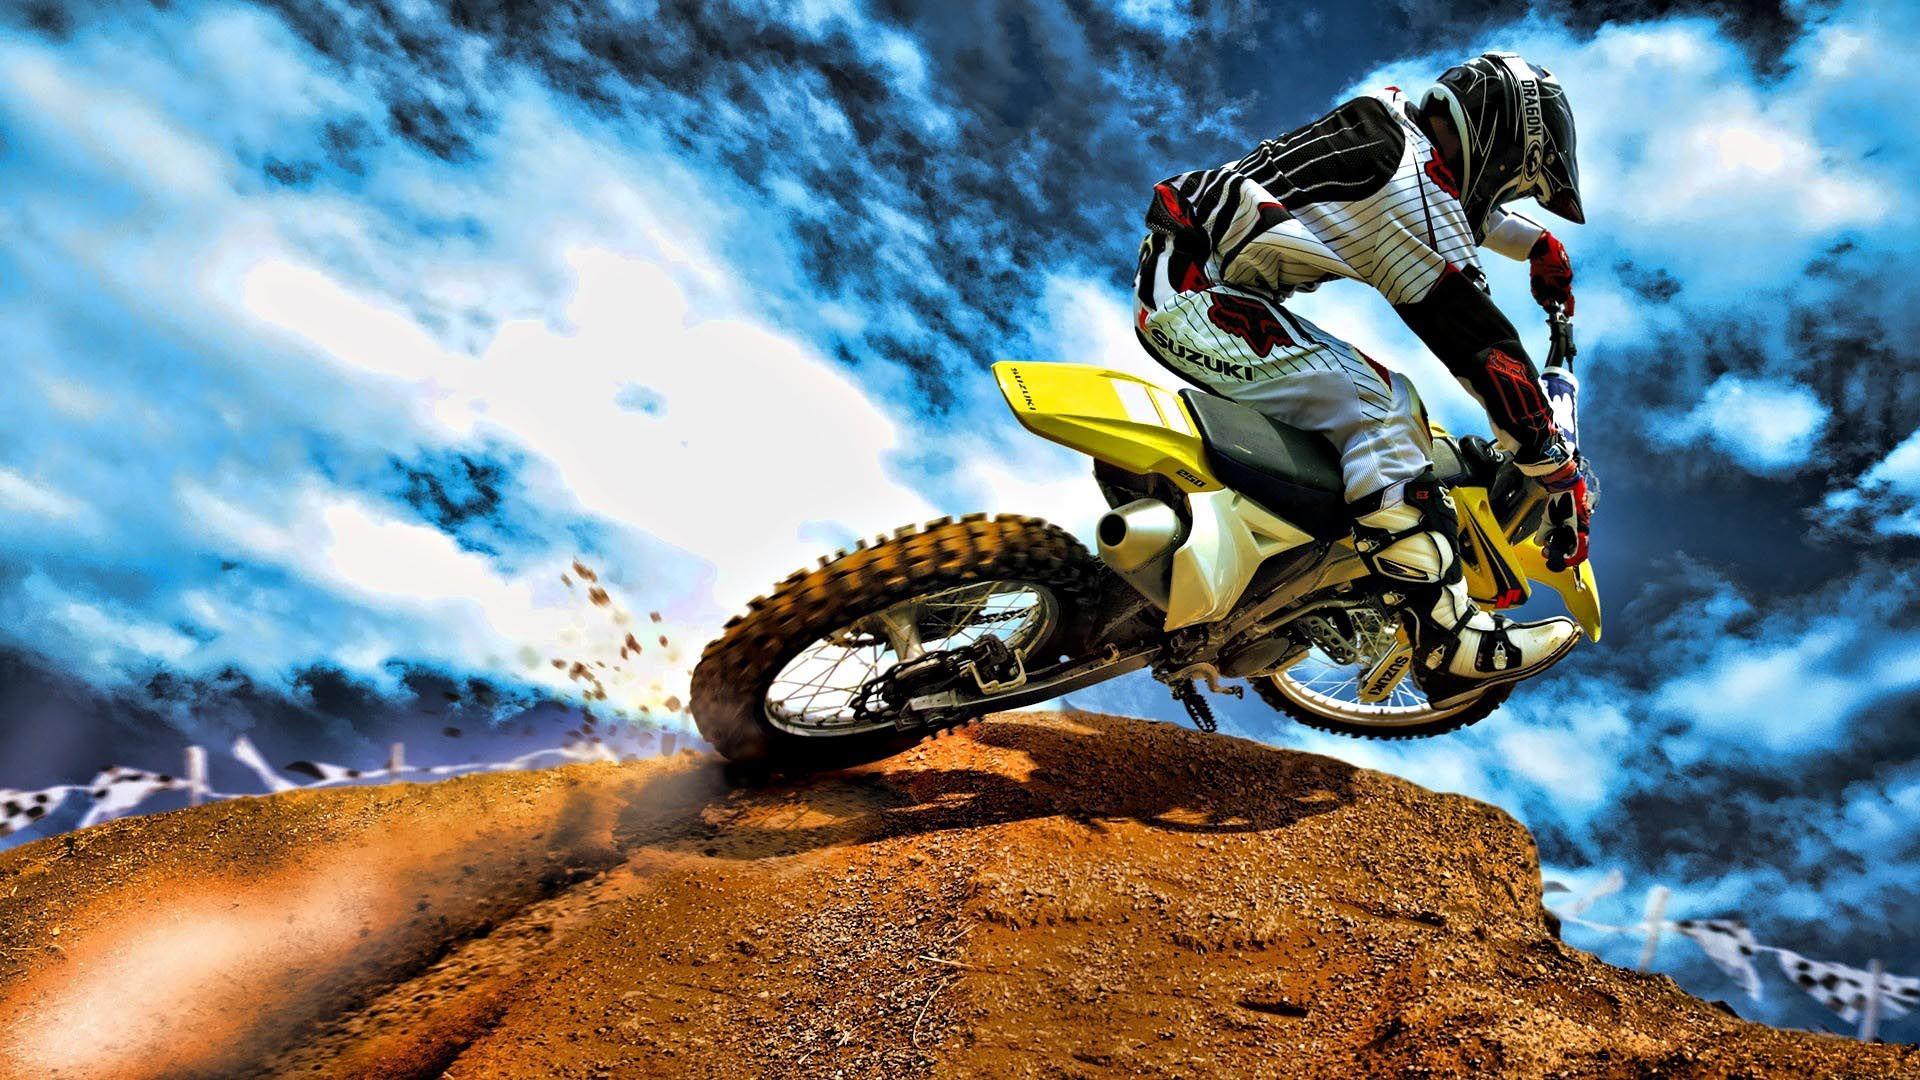 The Sky Motocross Motocross Bikes Ktm Motocross Get ktm bike wallpaper for laptop